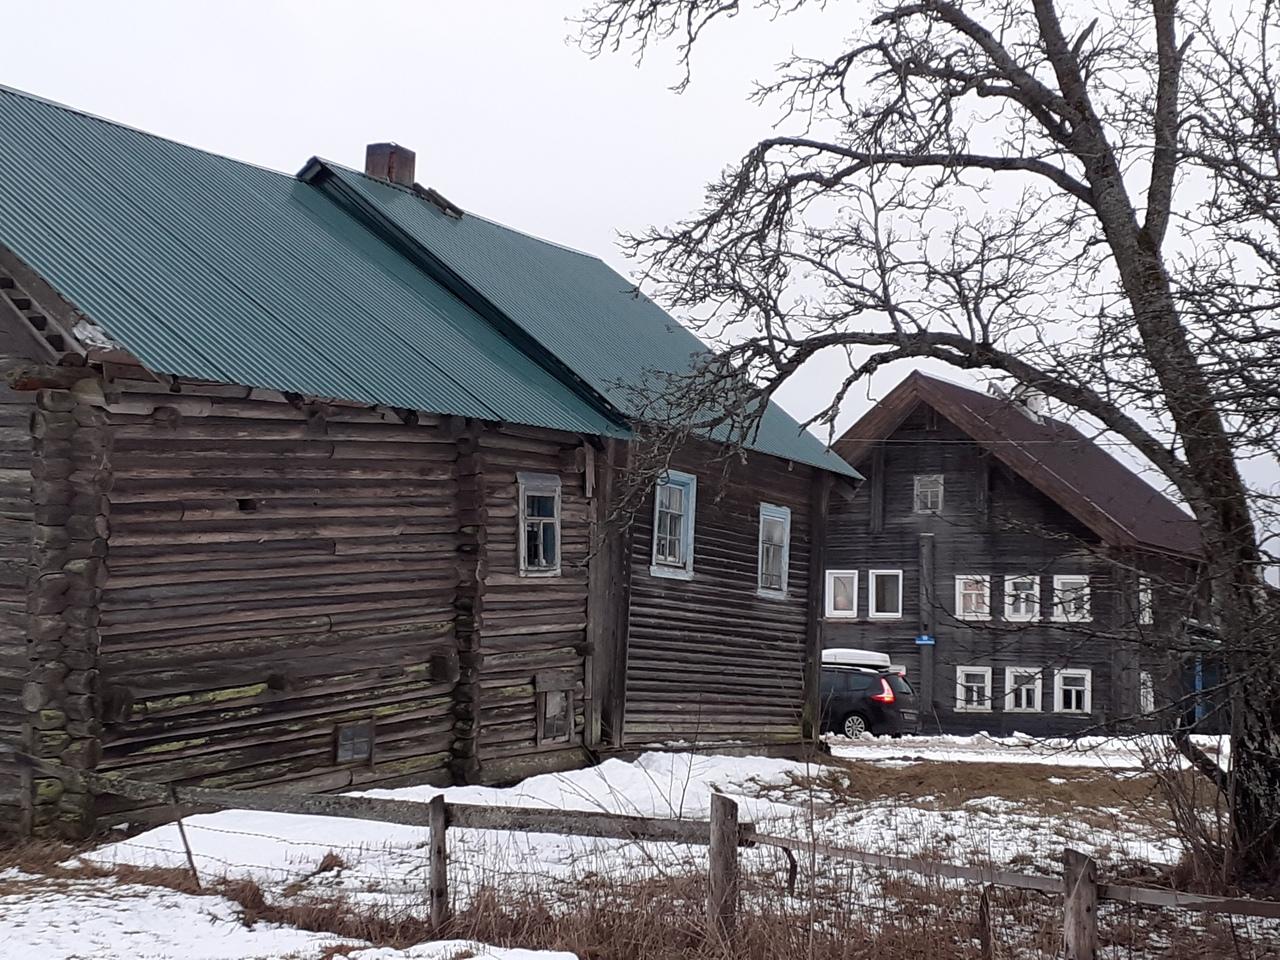 Олонецкий район Карелии. Традиционная карельская деревня Большая Сельга и старинный город Олонец